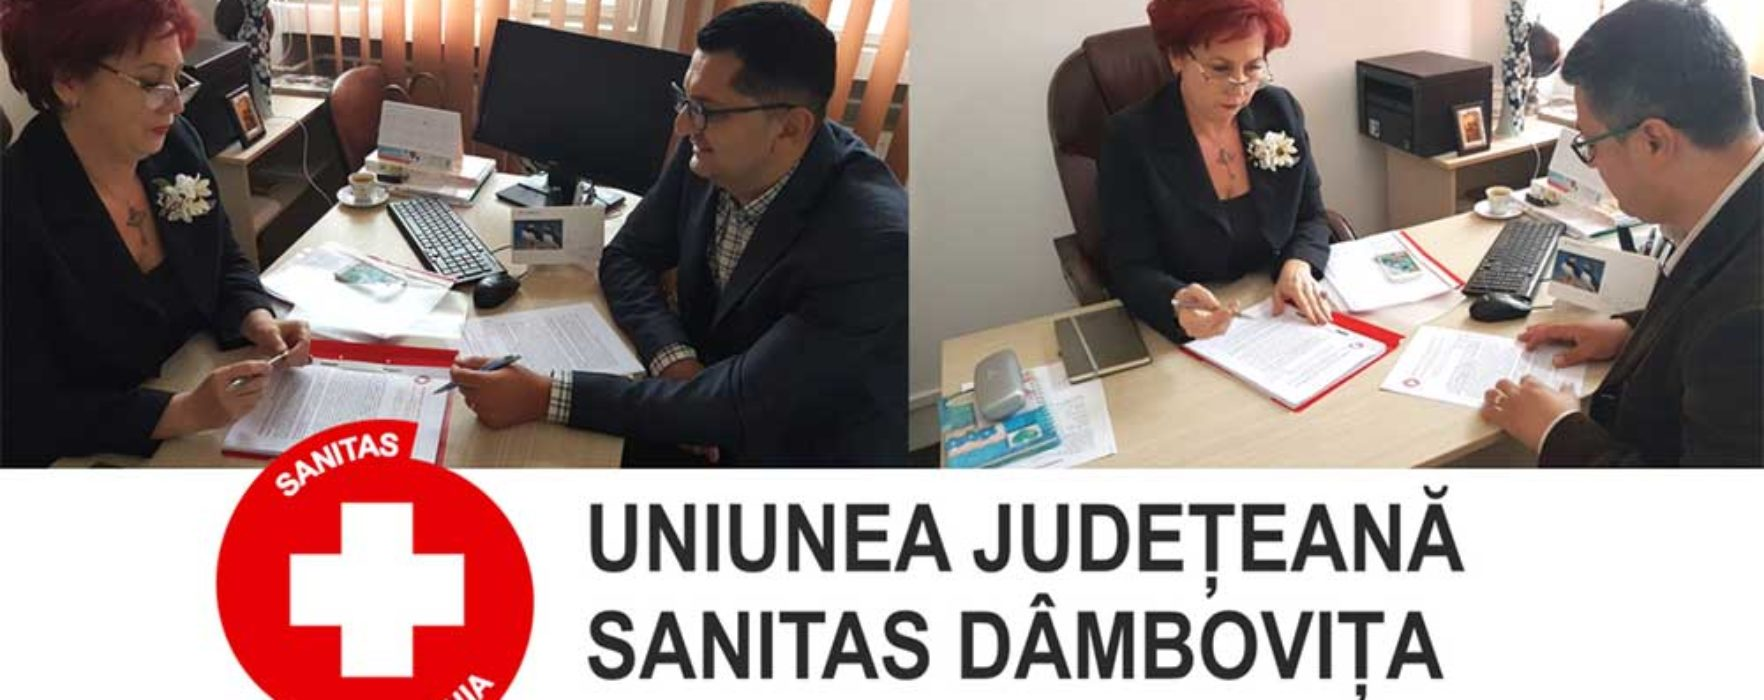 Dâmbovița: Deputat Carmen Holban, întâlnire cu reprezentanți Sanitas la nivel județean